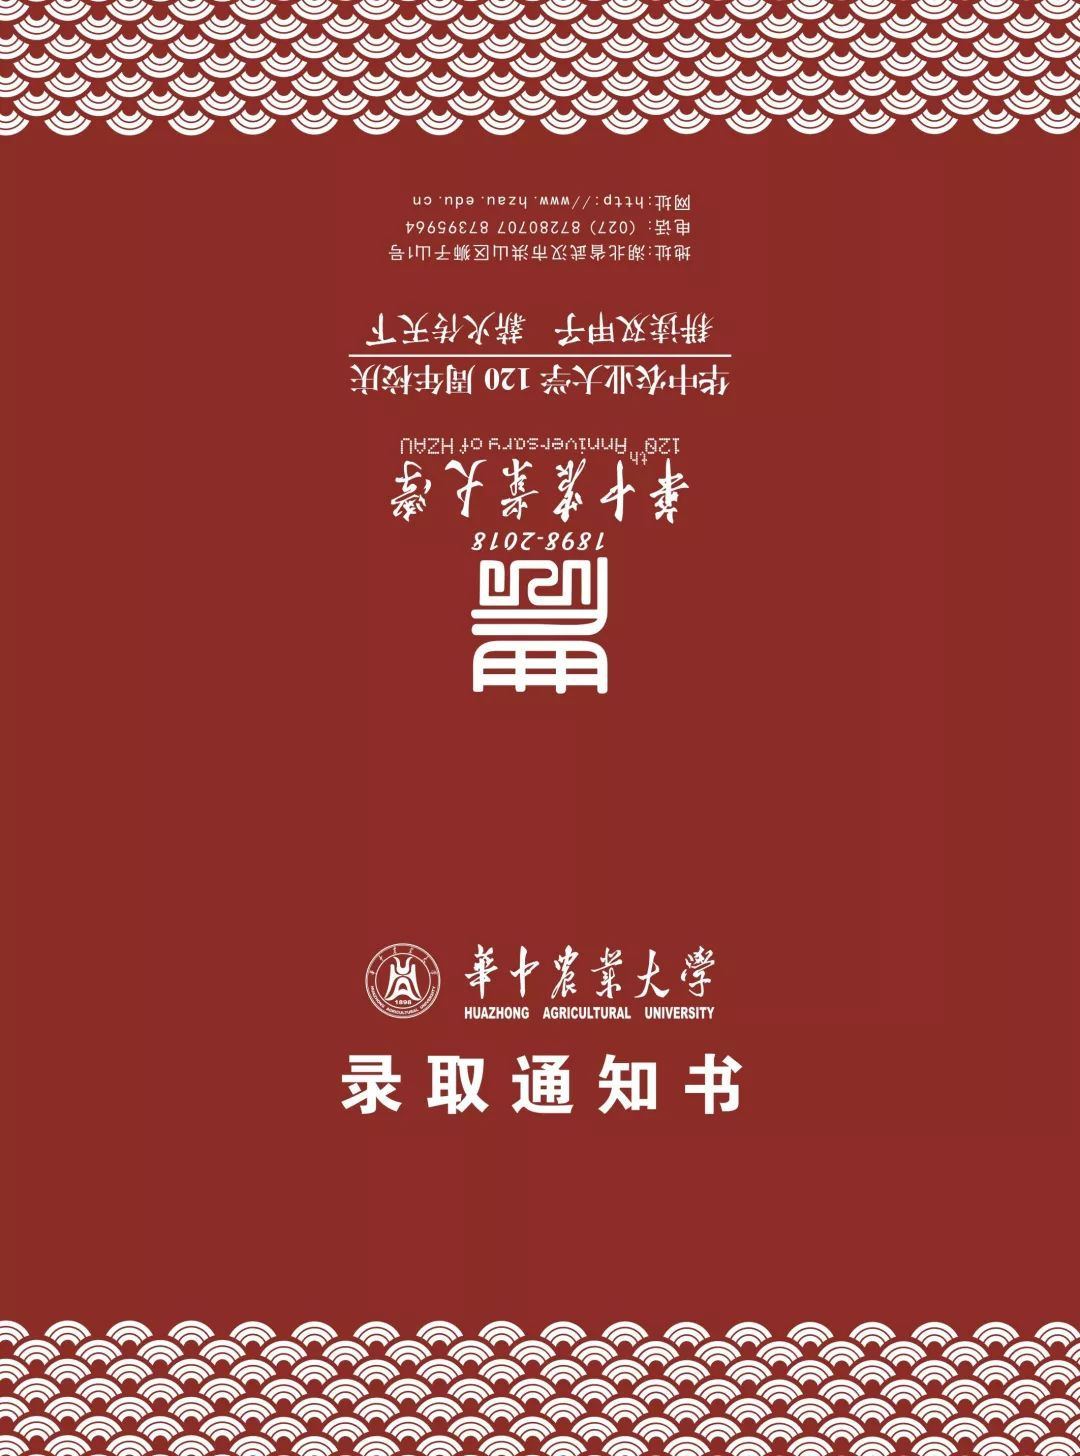 华中农业大学  恰逢我农百廿的生日,2018年入学的新生真是极其幸运!